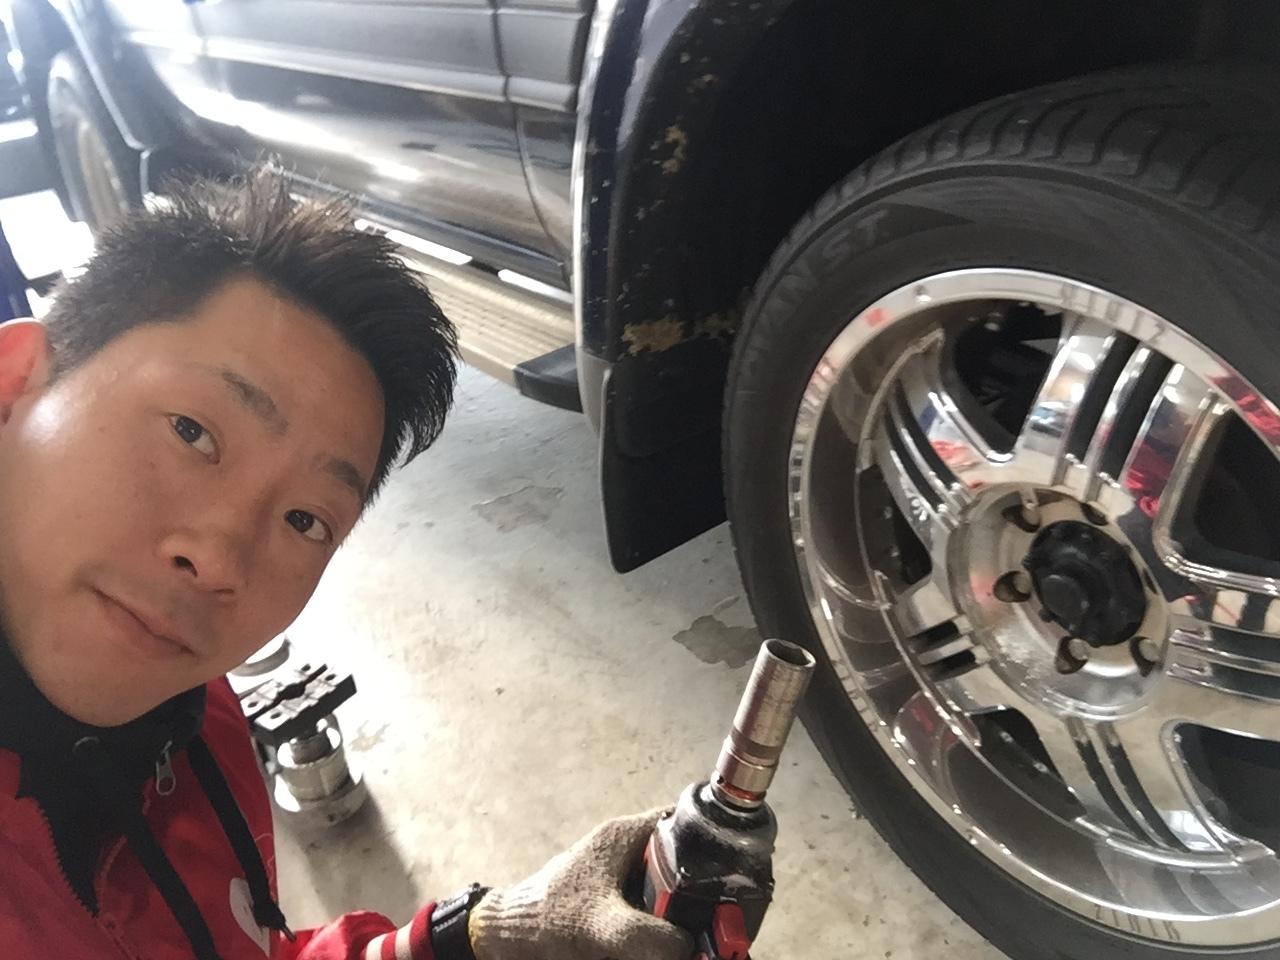 10月31日 ひとログTueヽ( 'ω' )ノ マクラーレン・GTR?!スーパーカーがTOMMYにやってきた!_b0127002_17322436.jpg